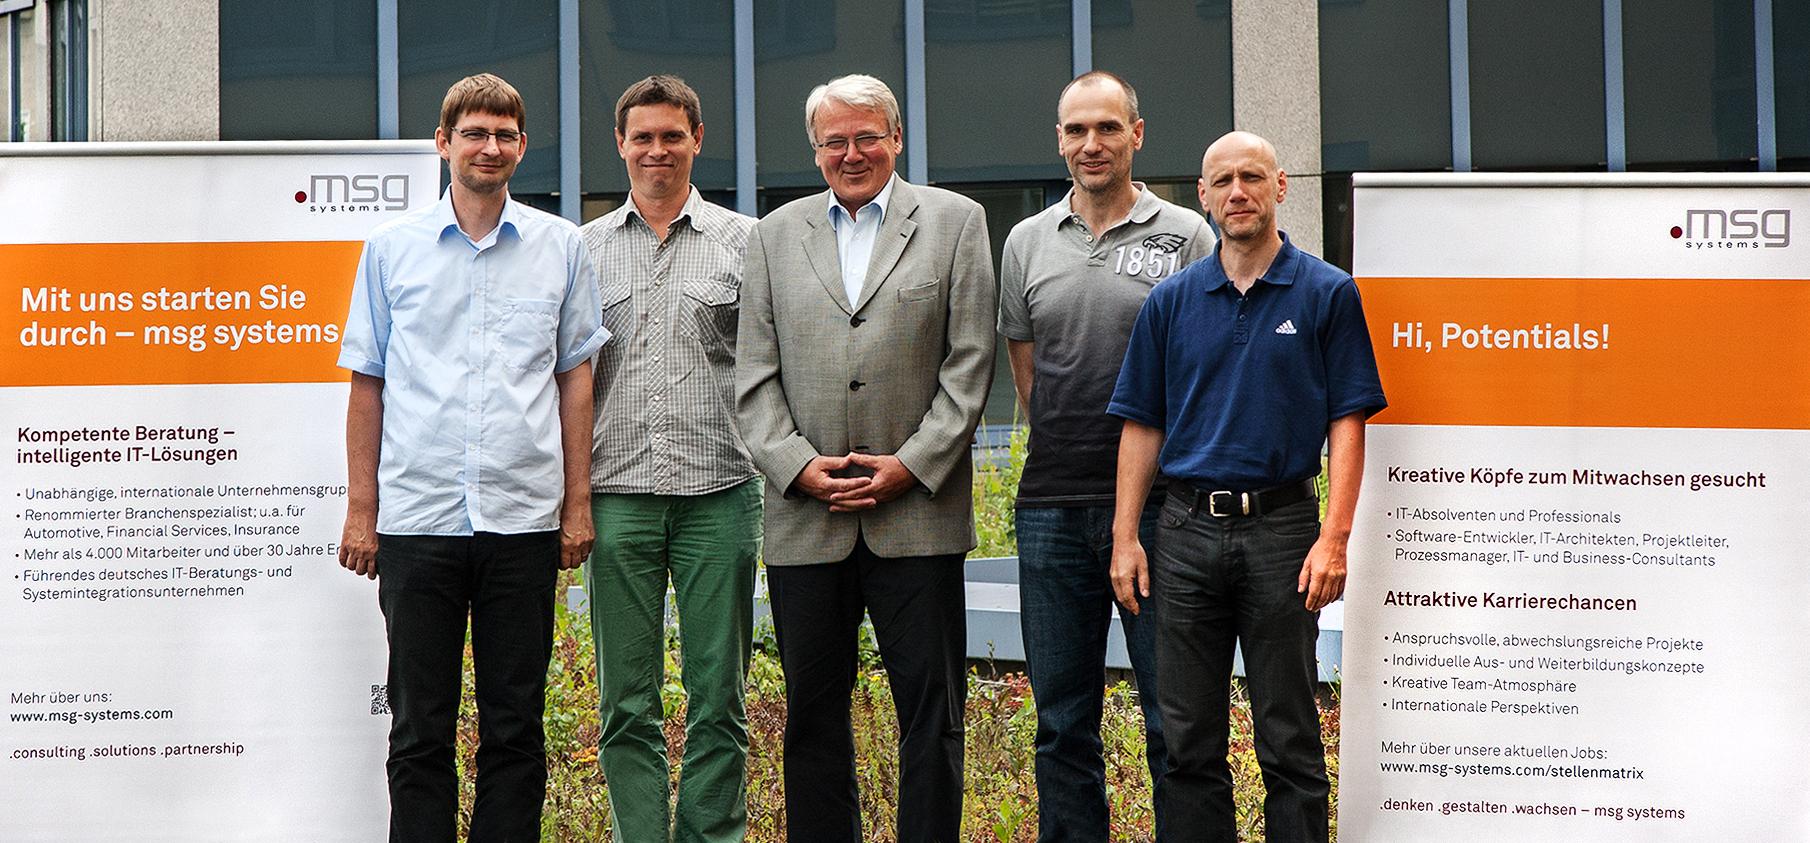 Seit 15 Jahren erfolgreich in Chemnitz, msg ...